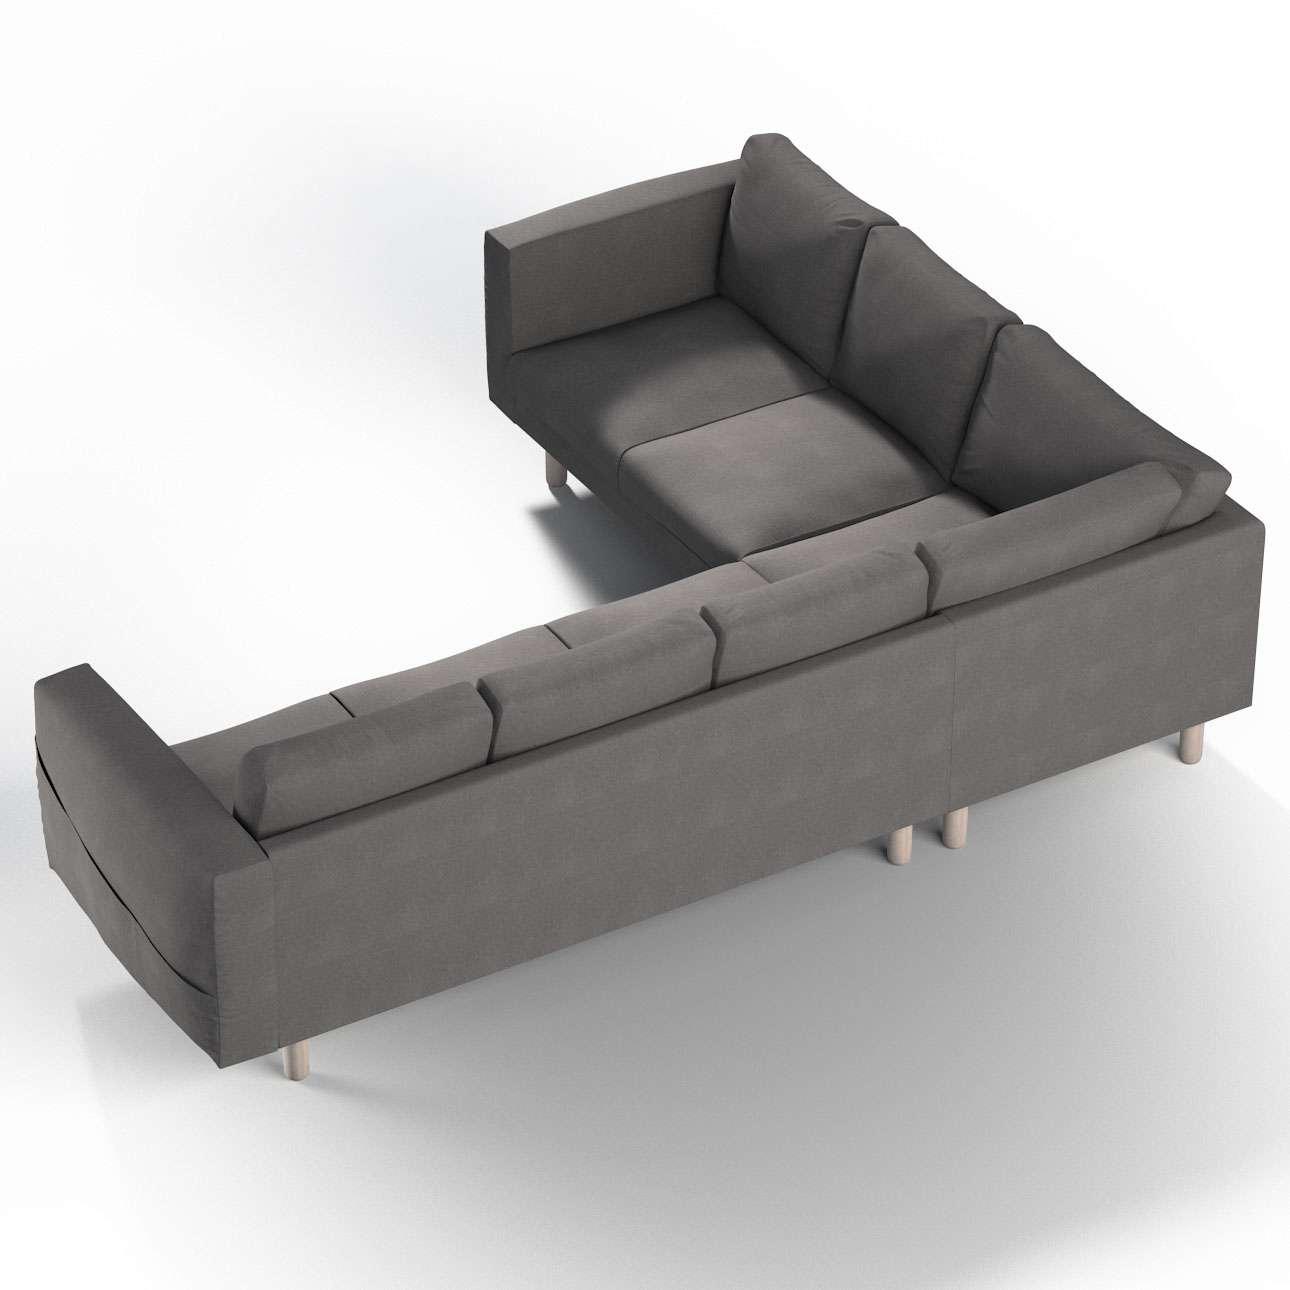 Pokrowiec na sofę narożną Norsborg 5-osobową w kolekcji Etna, tkanina: 705-35